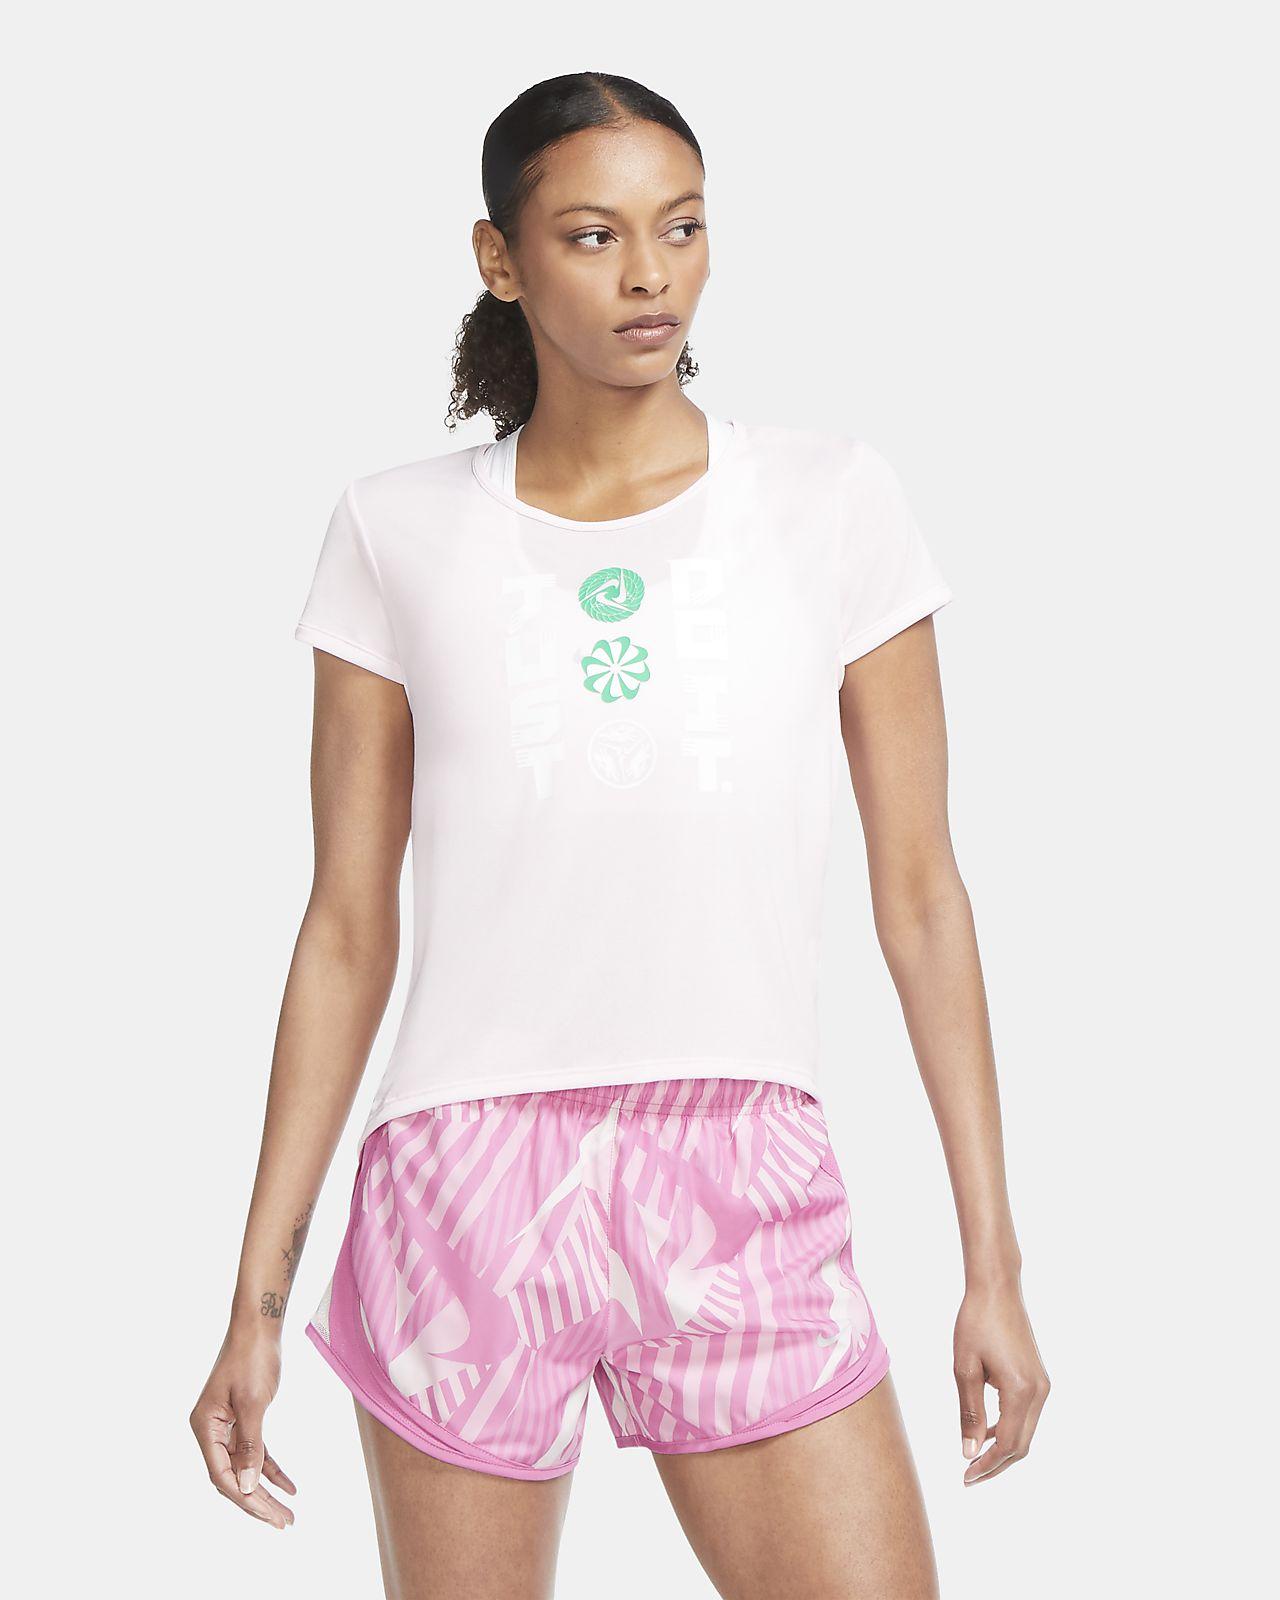 เสื้อวิ่งแขนสั้นผู้หญิง Nike Icon Clash